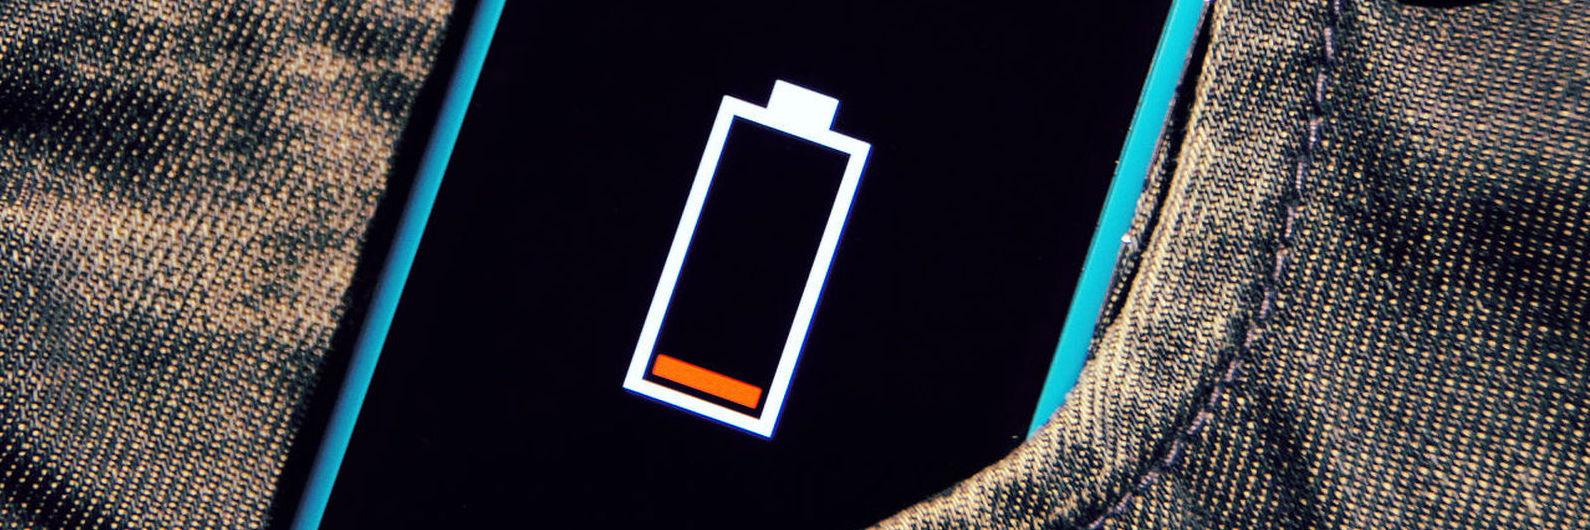 Last Message: a app que vai querer utilizar quando está a ficar sem bateria